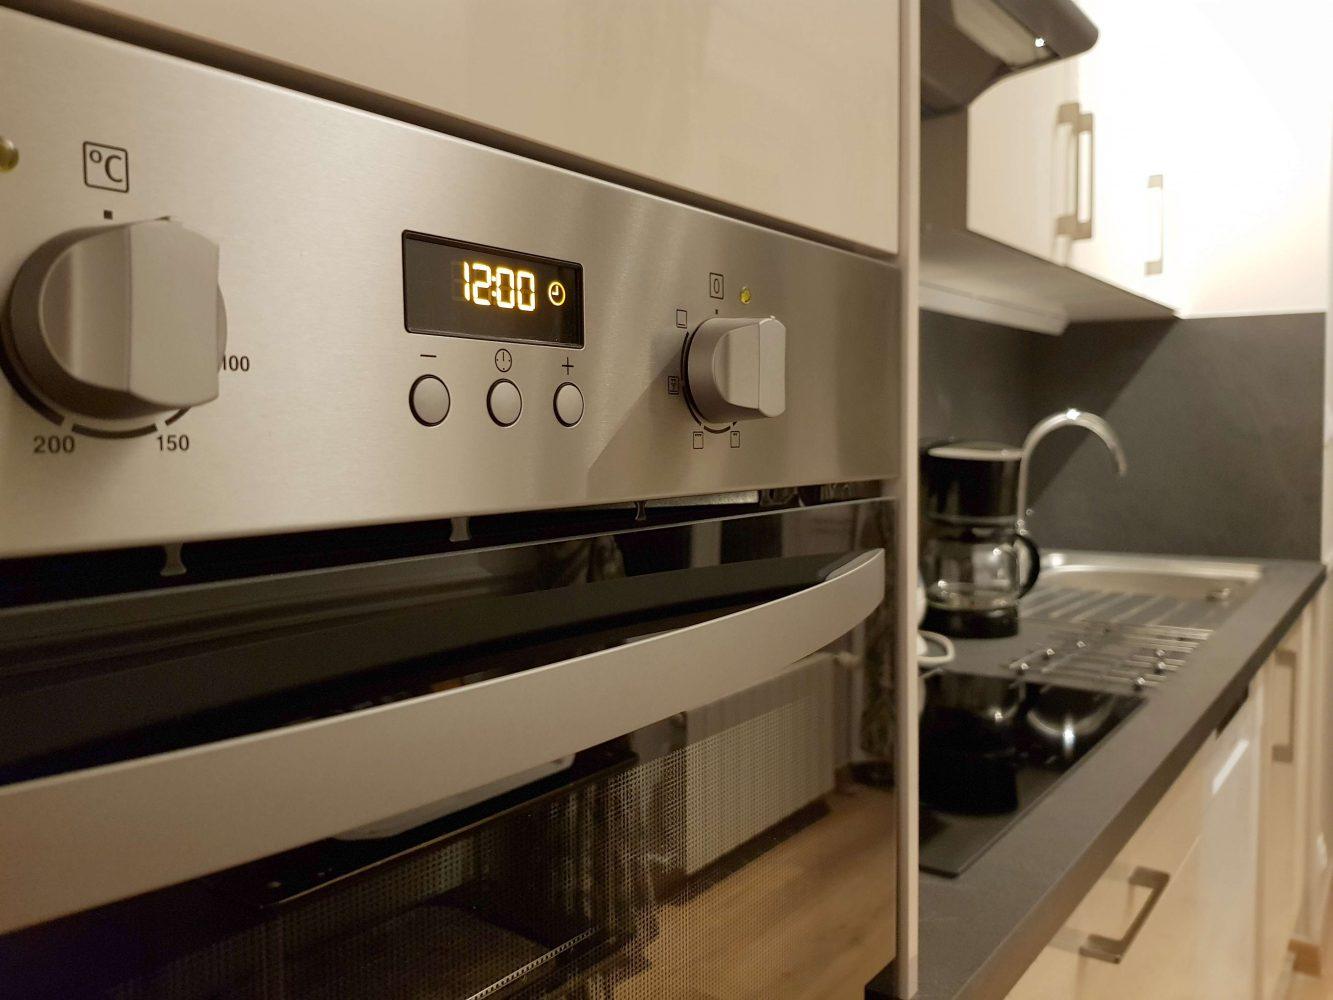 Cuisine équipée avec four hotte evier bouilloire dans l'appartement au château de Salvert